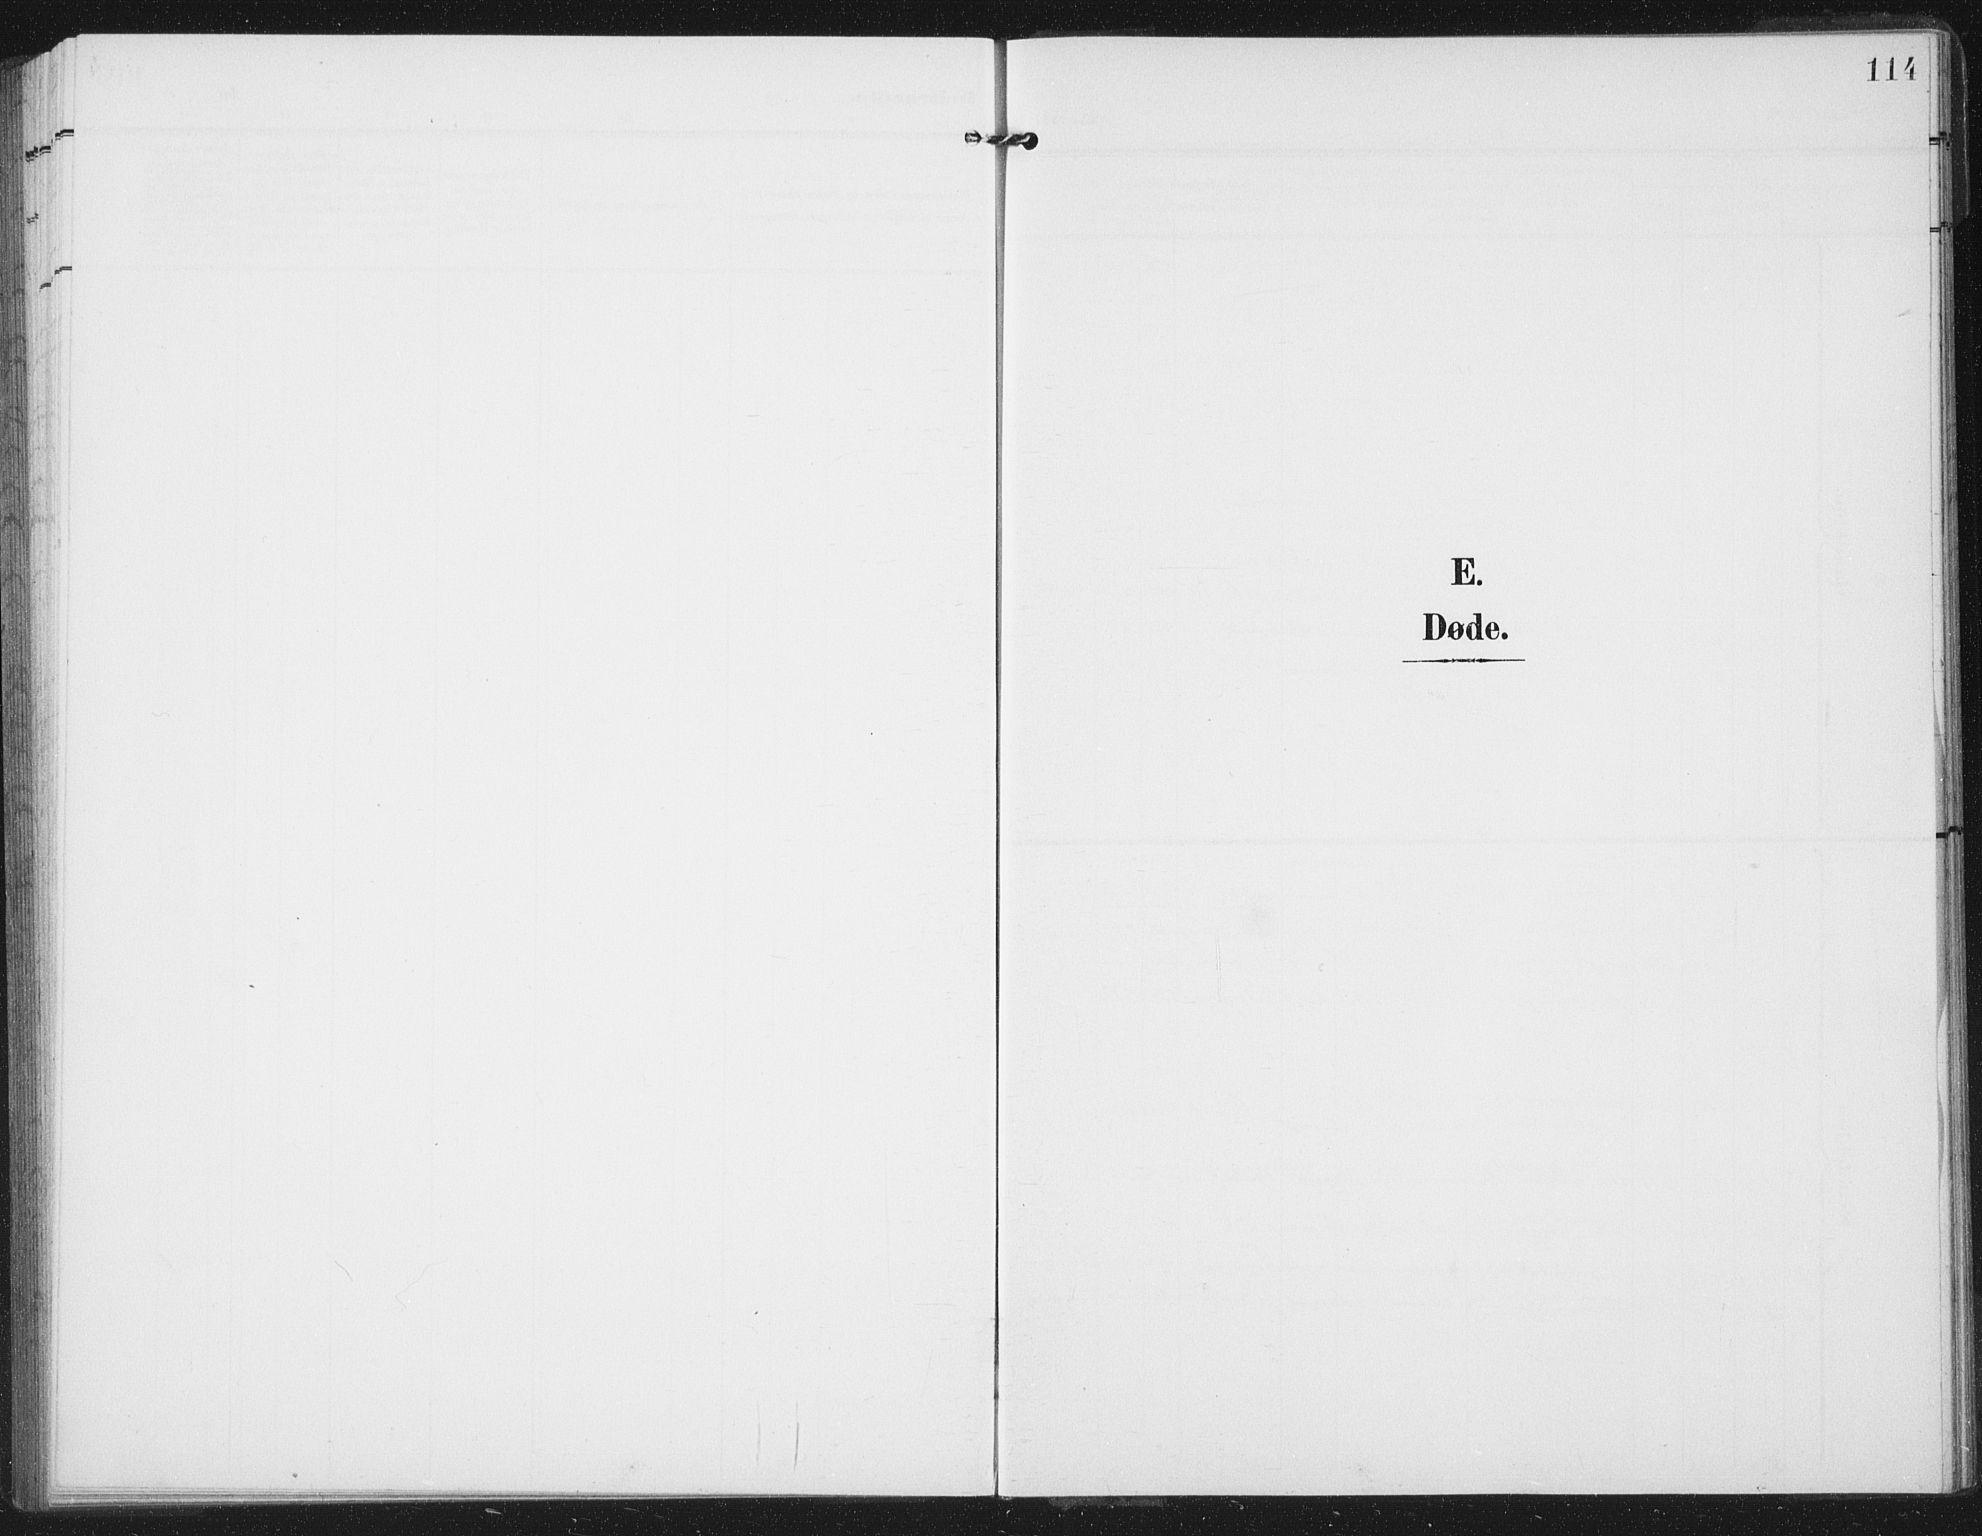 SAT, Ministerialprotokoller, klokkerbøker og fødselsregistre - Nord-Trøndelag, 747/L0460: Klokkerbok nr. 747C02, 1908-1939, s. 114